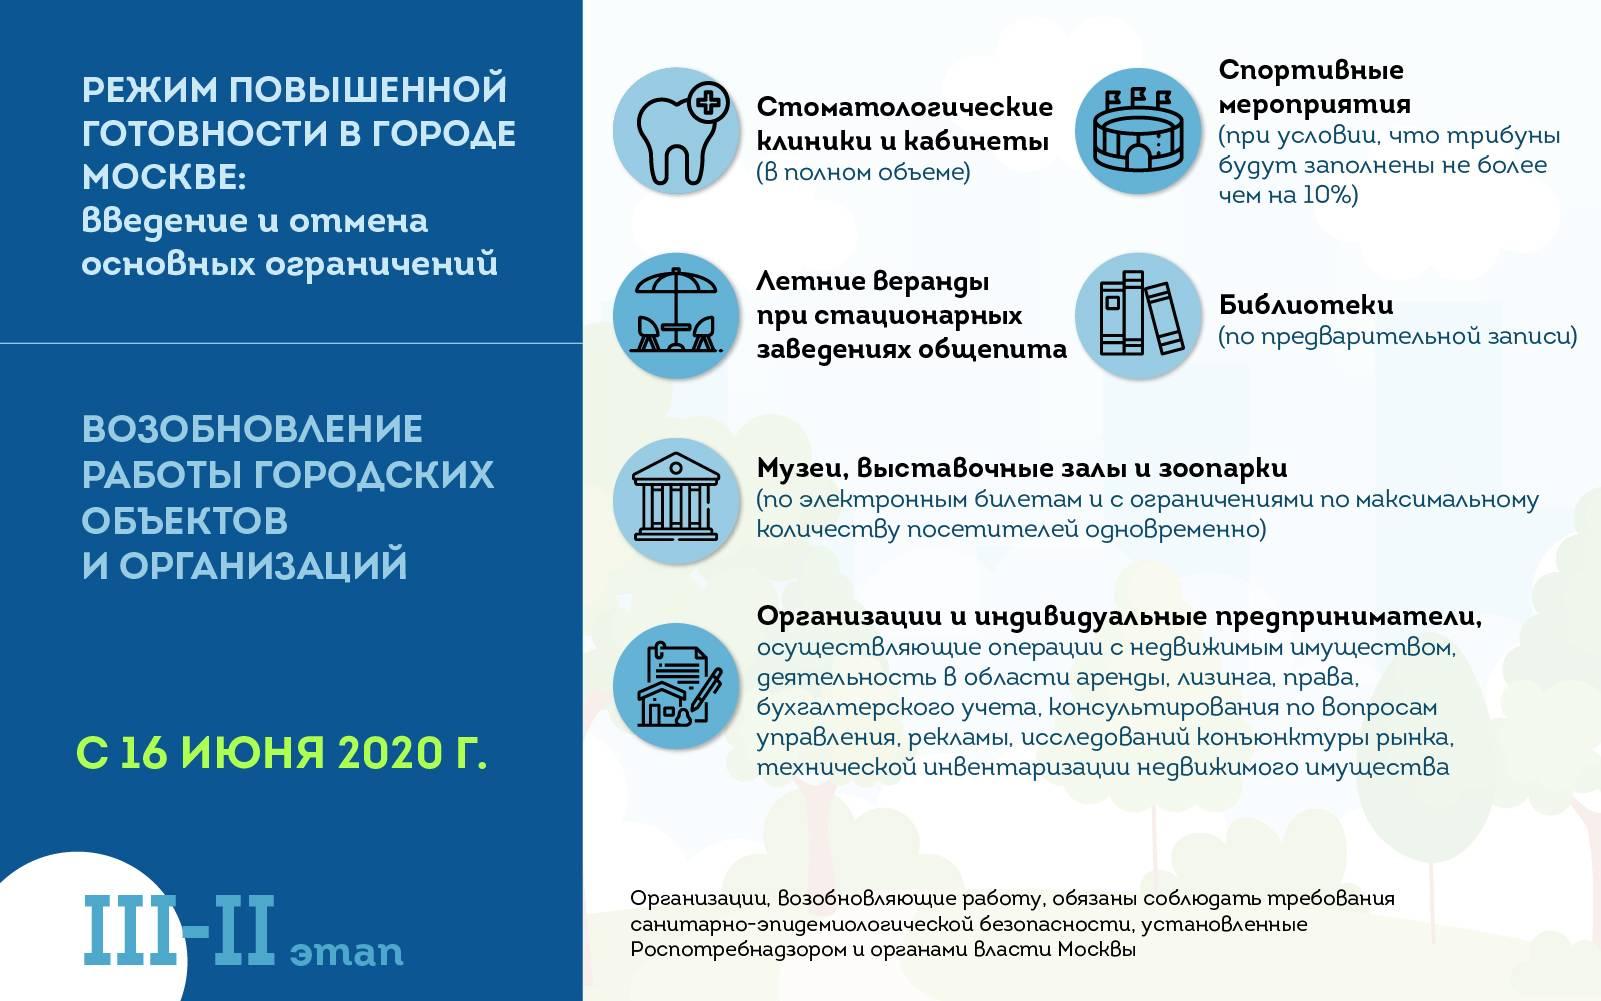 Снижение заболеваемости и открытие летних веранд в Москве